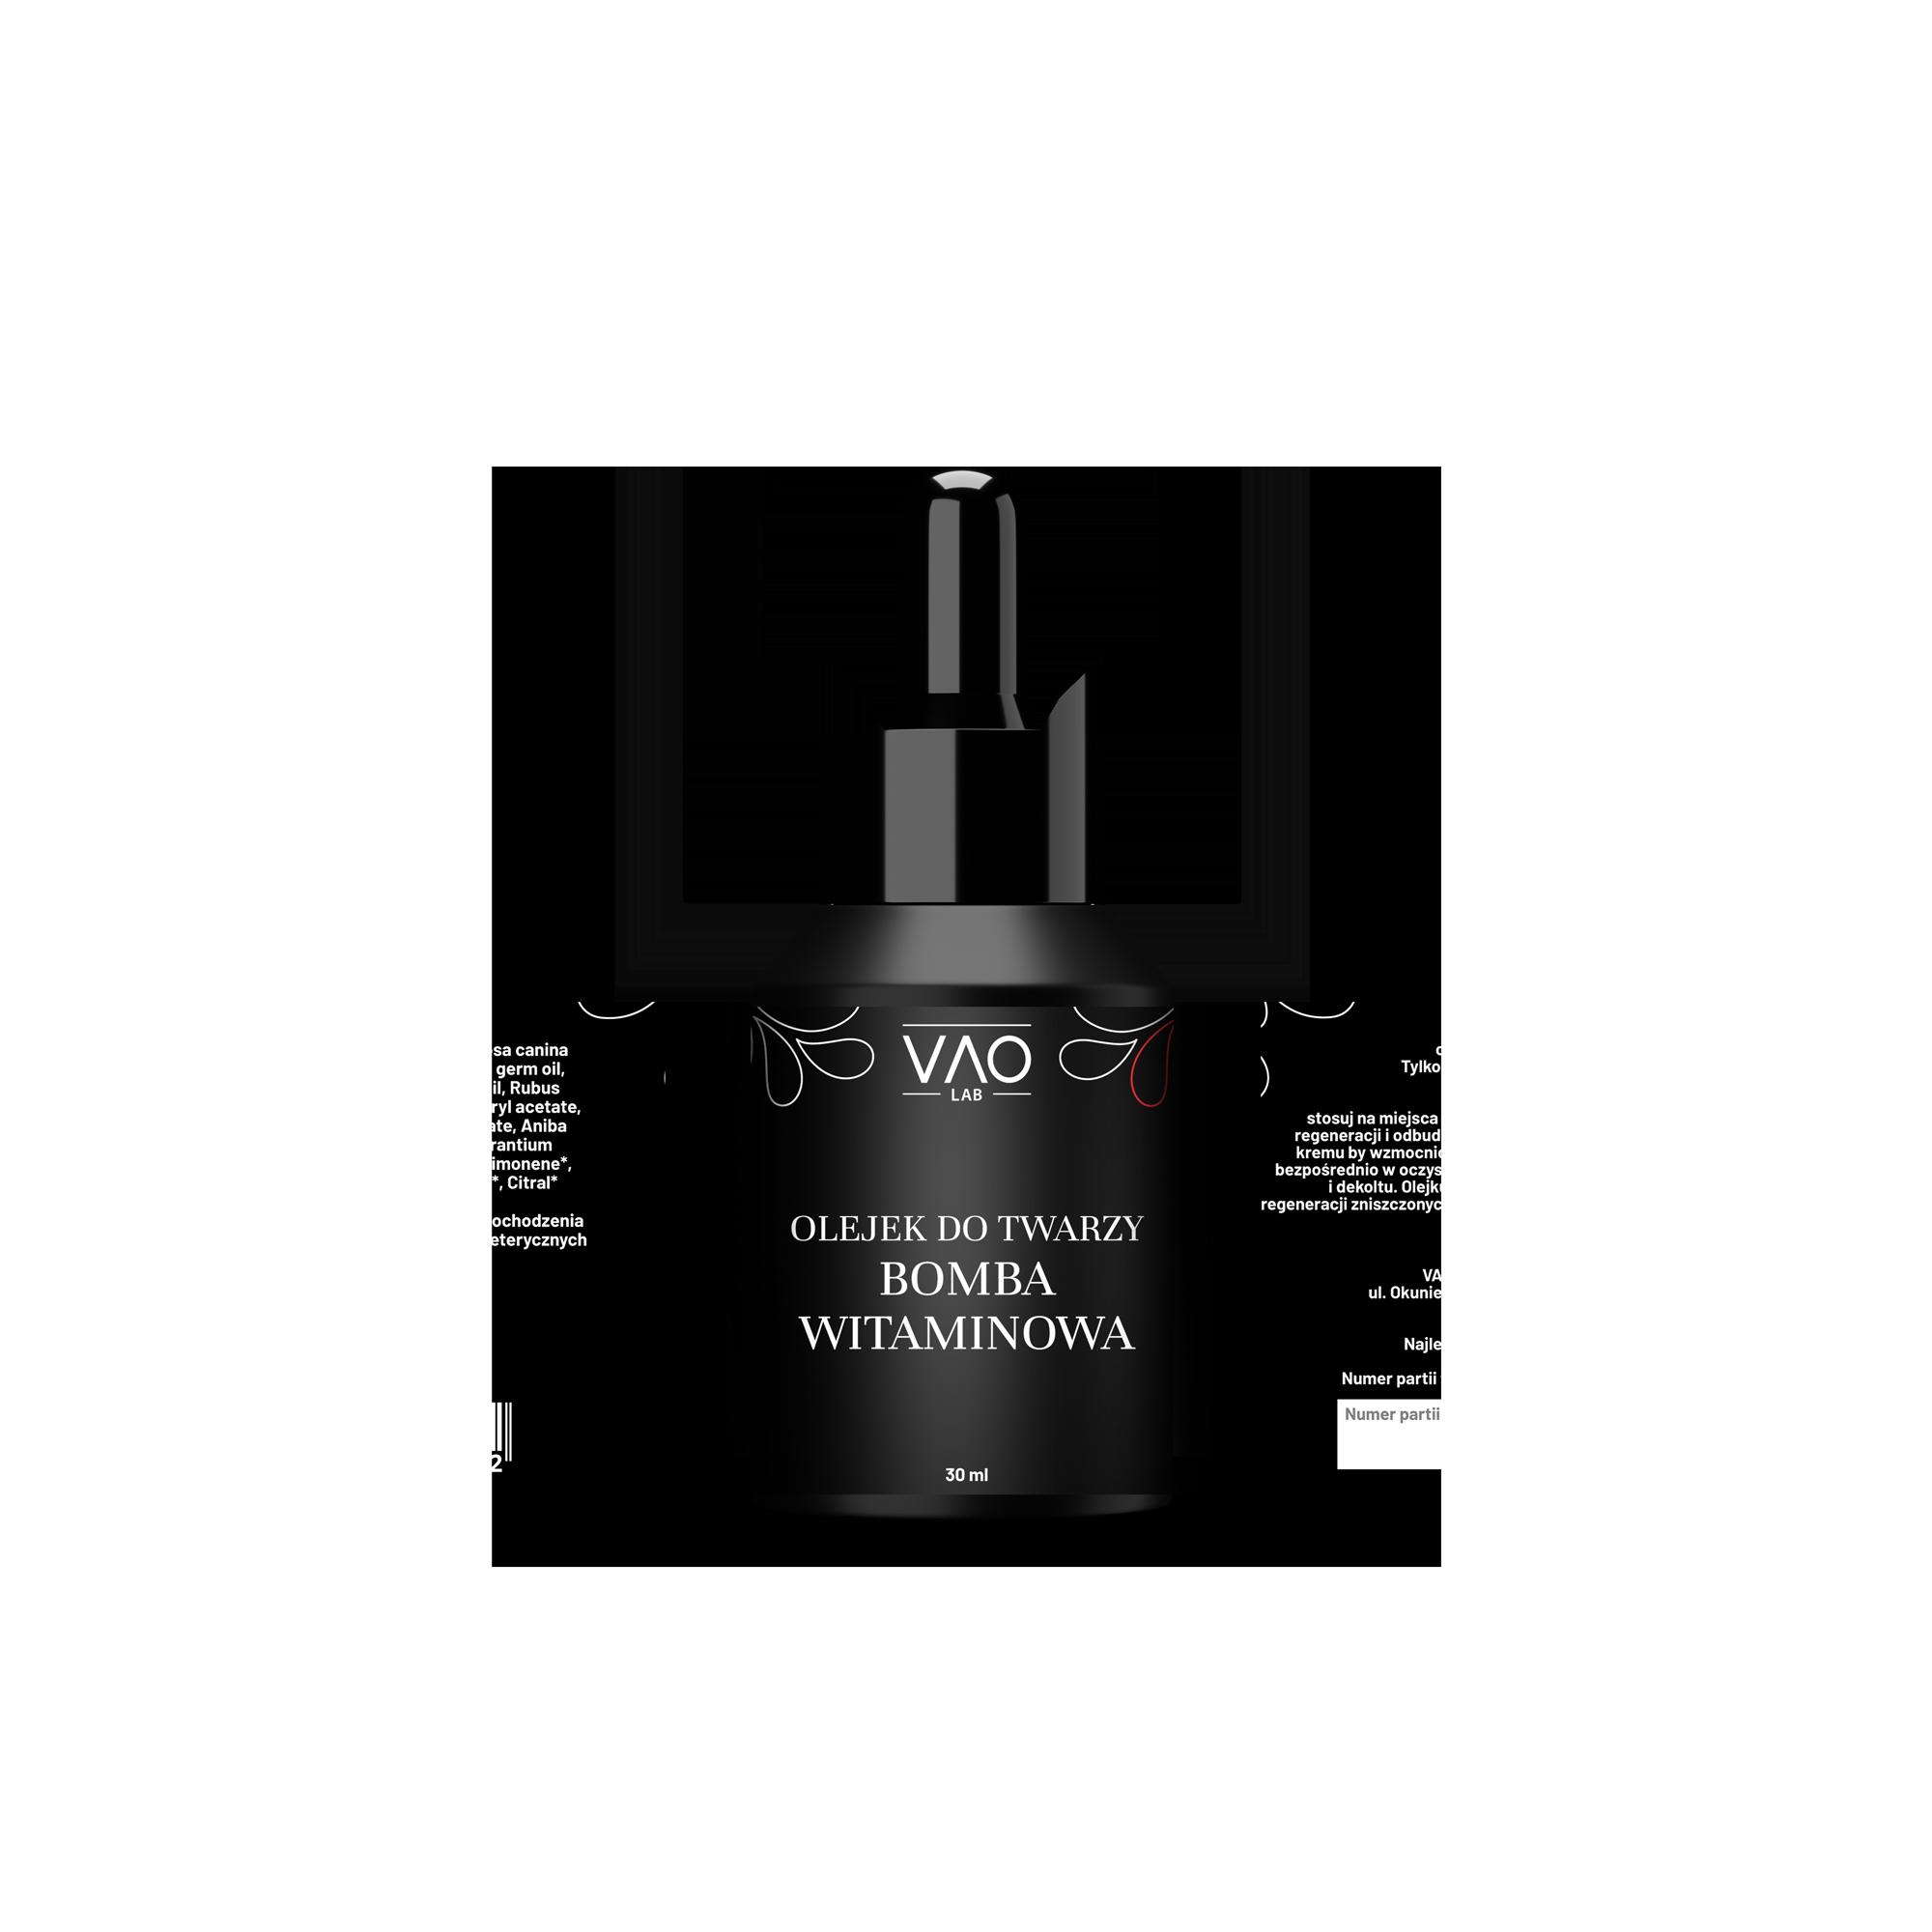 Olejek-do-twarzy-BOMBA-WITAMINOWA-30-ml